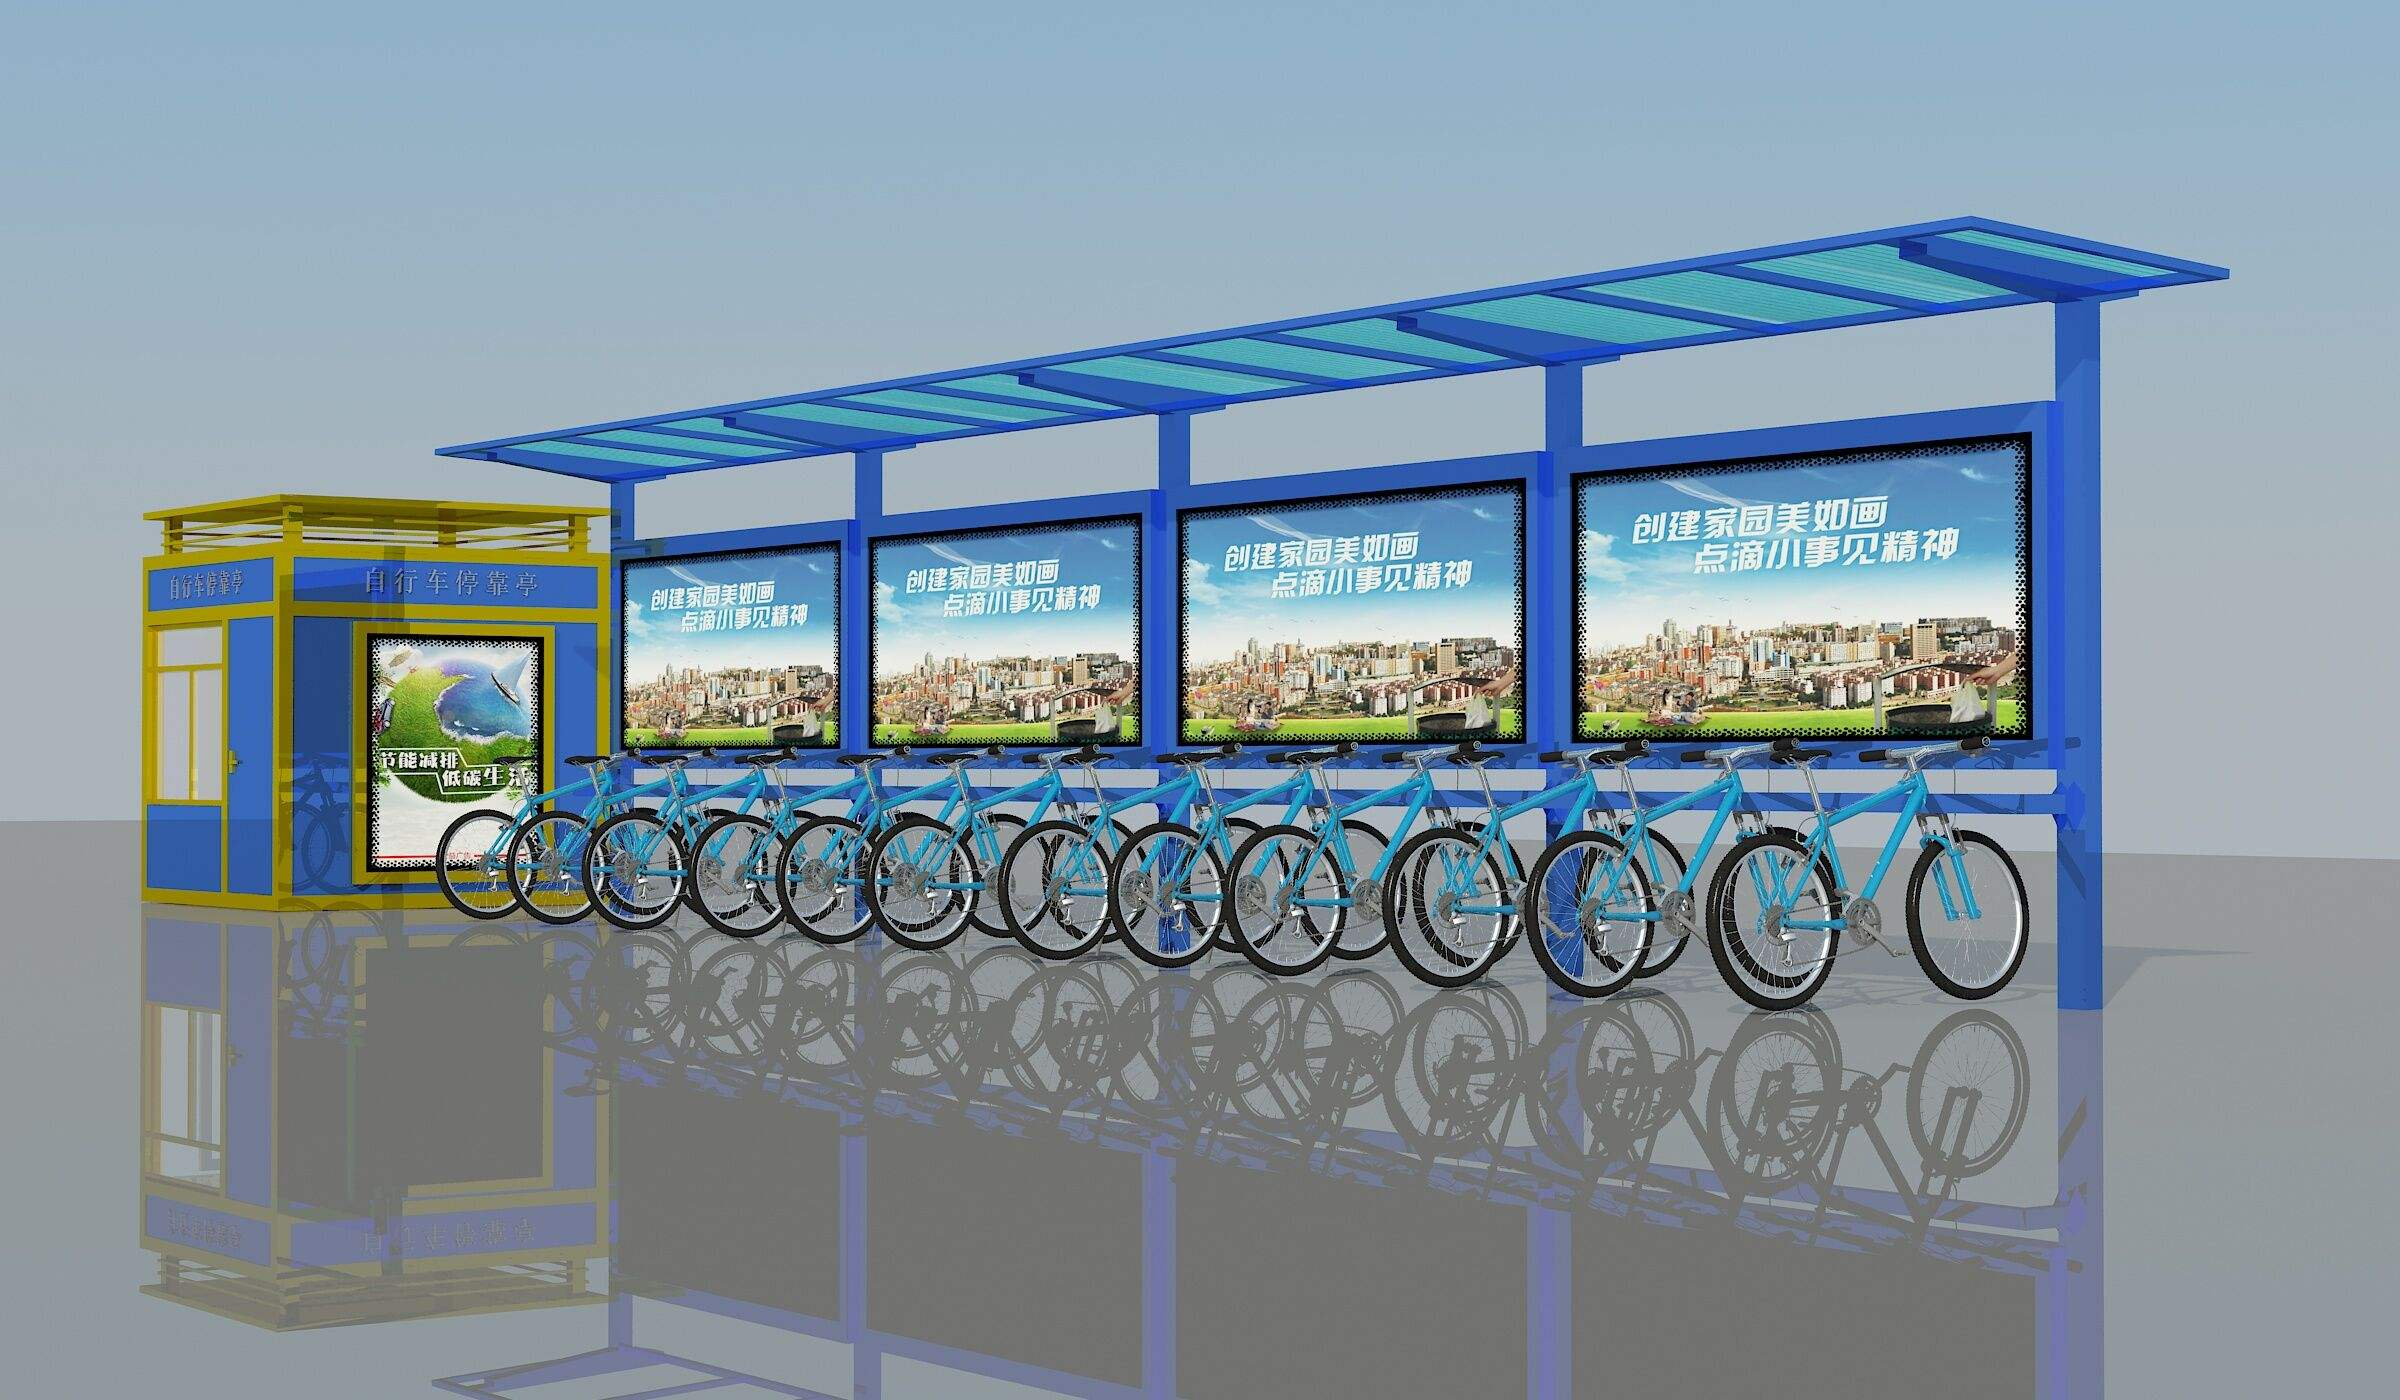 延庆自行车棚外观